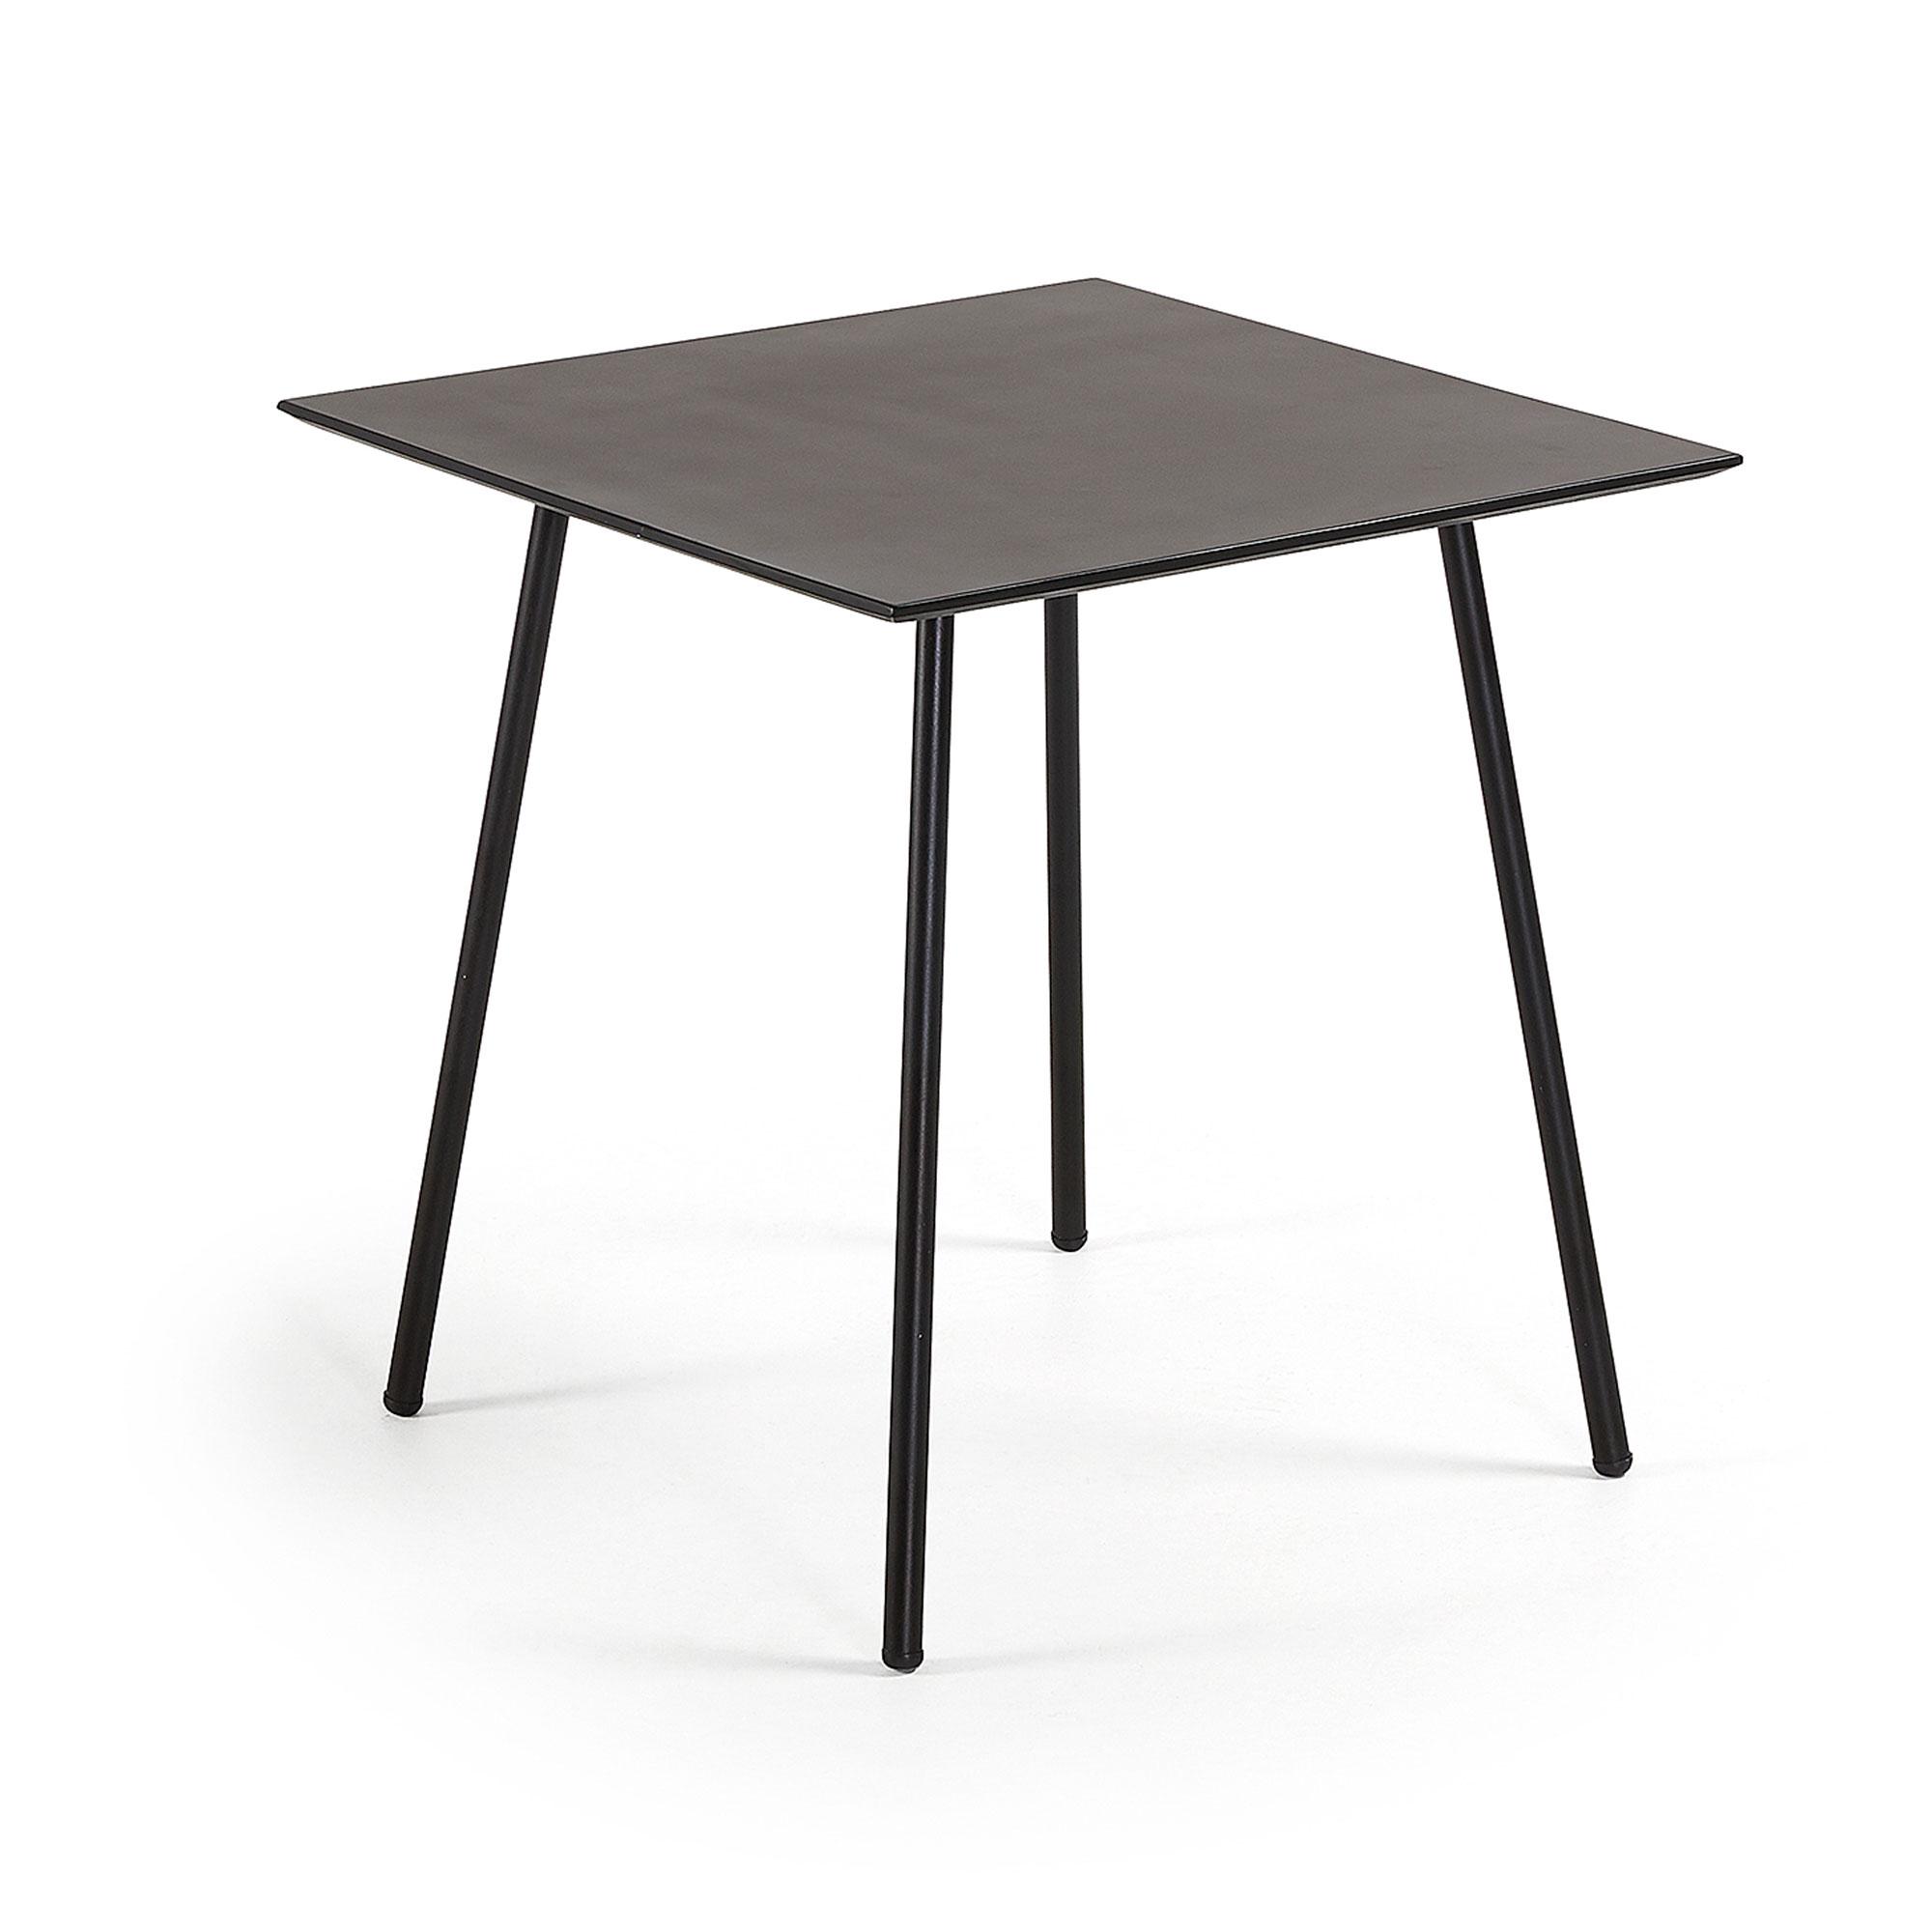 laforma – Laforma ulrich caf?bord - sort polycement/stål, kvadratisk (75x75) på boboonline.dk